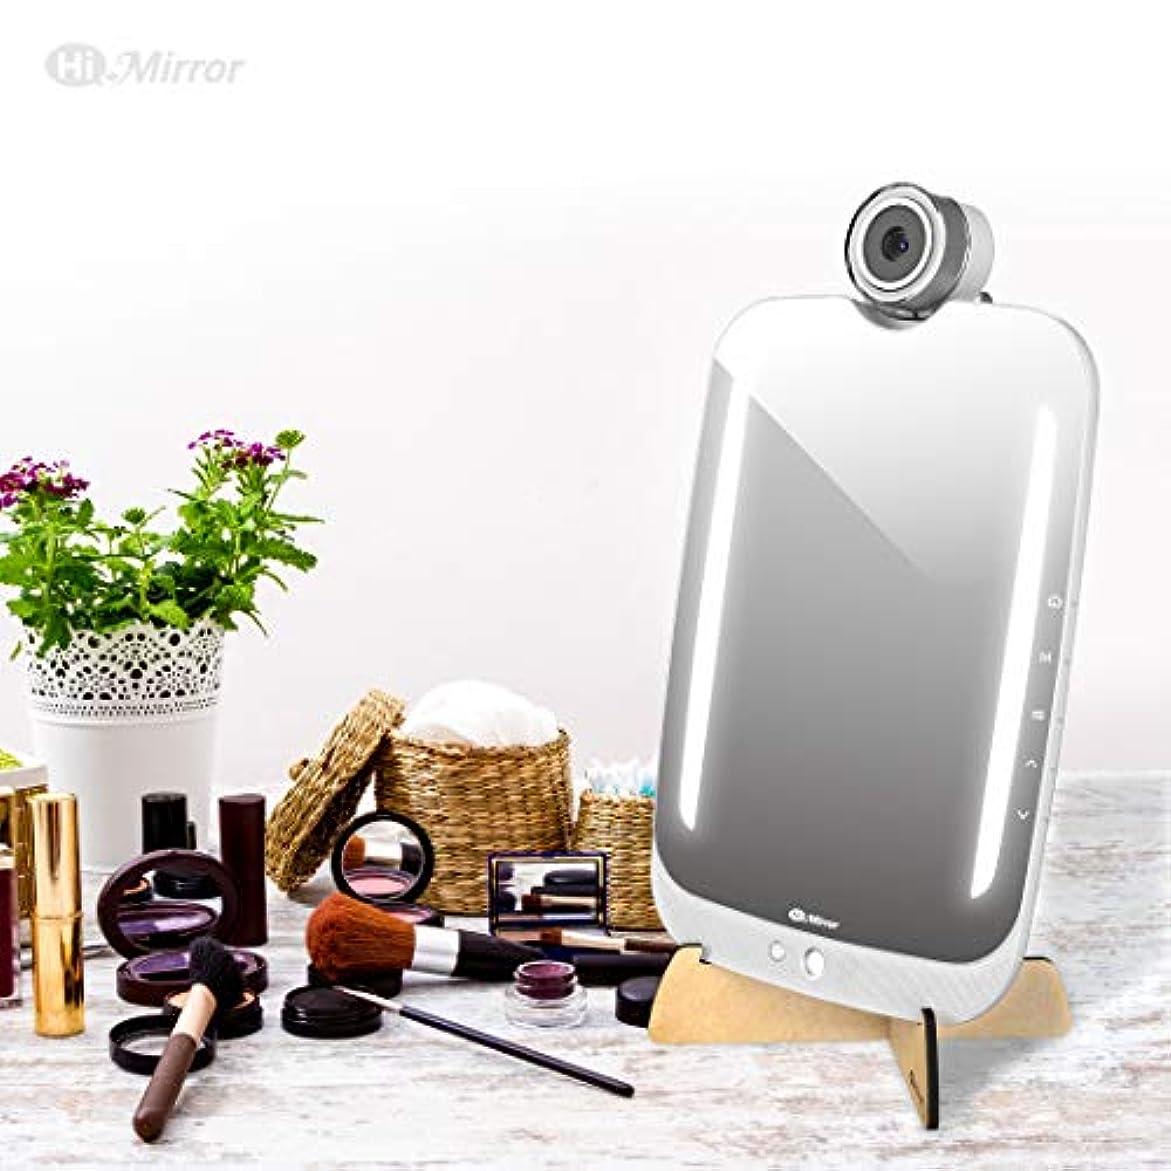 答え終了する以来HiMirrorプラス-デバイス型ビューティミラー、メイクアップシミュレーションAR新機能搭載、高精度カメラ機能とアプリケーションによる肌分析 ホワイト BM618RC00AB